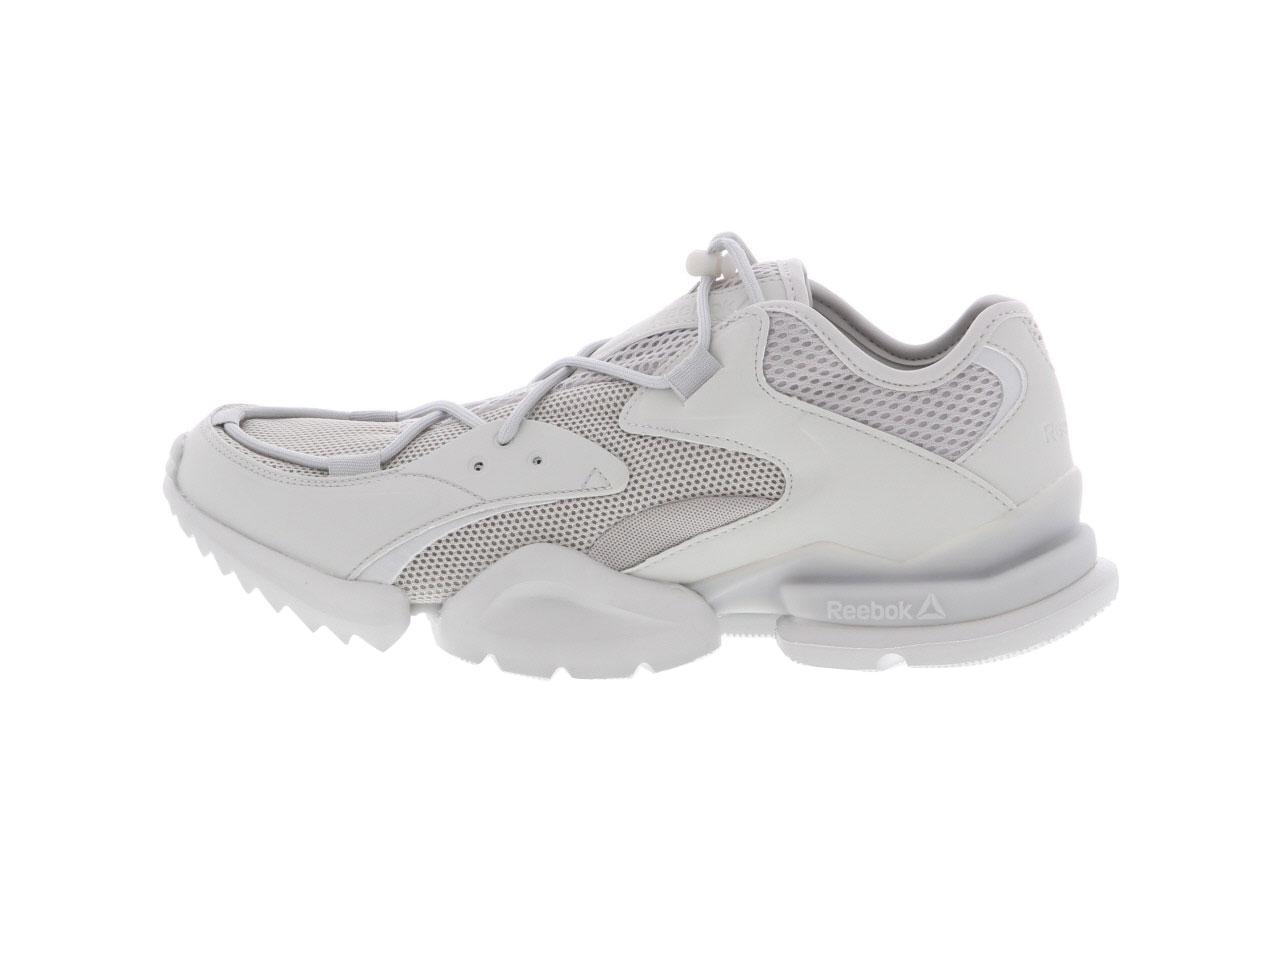 【全品ポイント10倍!期間限定★今すぐエントリー!(4/1~4/30)】Reebok RUN R96(DV5204)【リーボック ランR96】【メンズファッション】【シューズ】【スニーカー】【靴】【フットウェア】